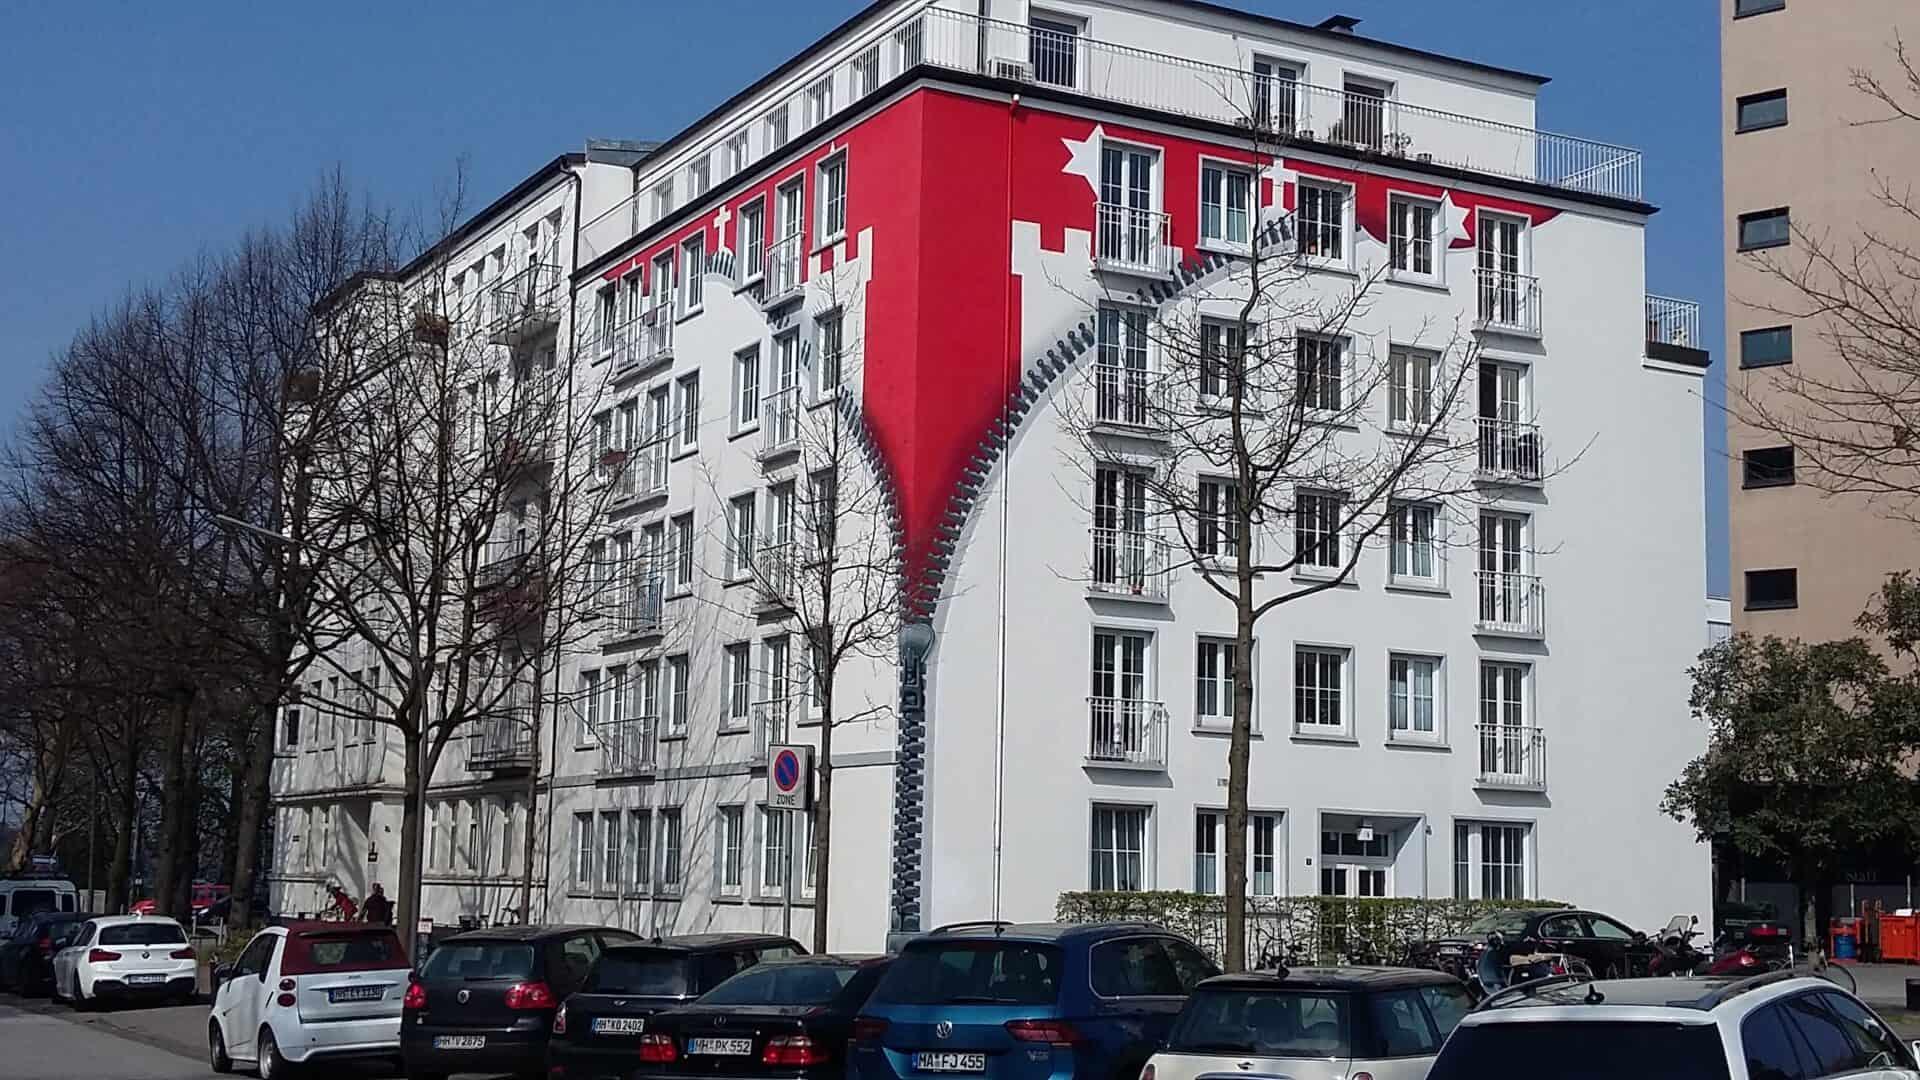 Reissverschlusshaus St. Georg